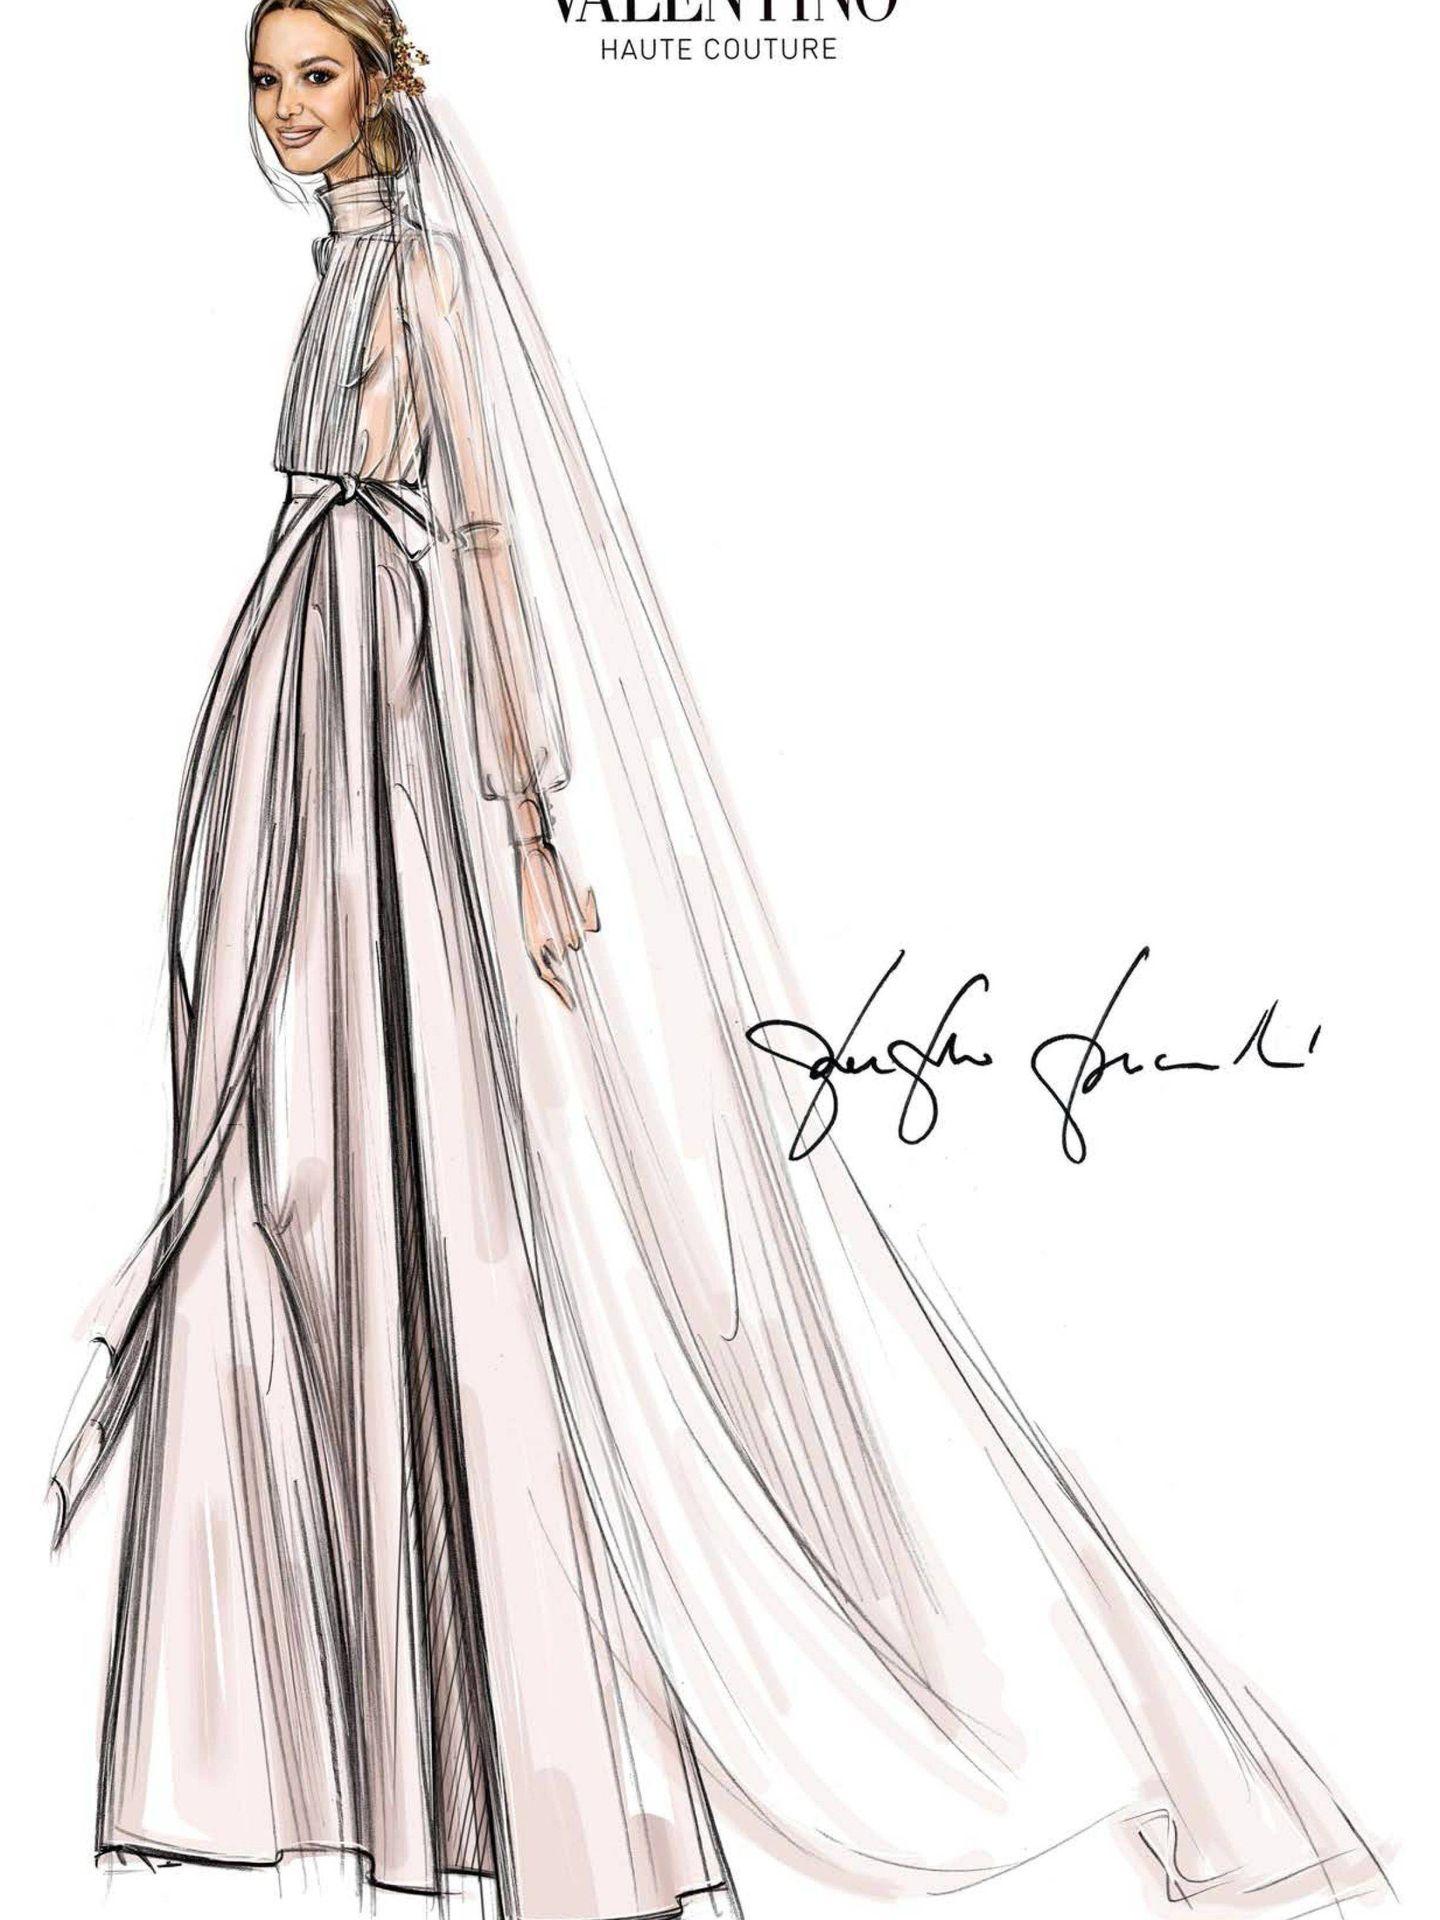 Diseño del vestido de Marta Ortega. (Archivo)